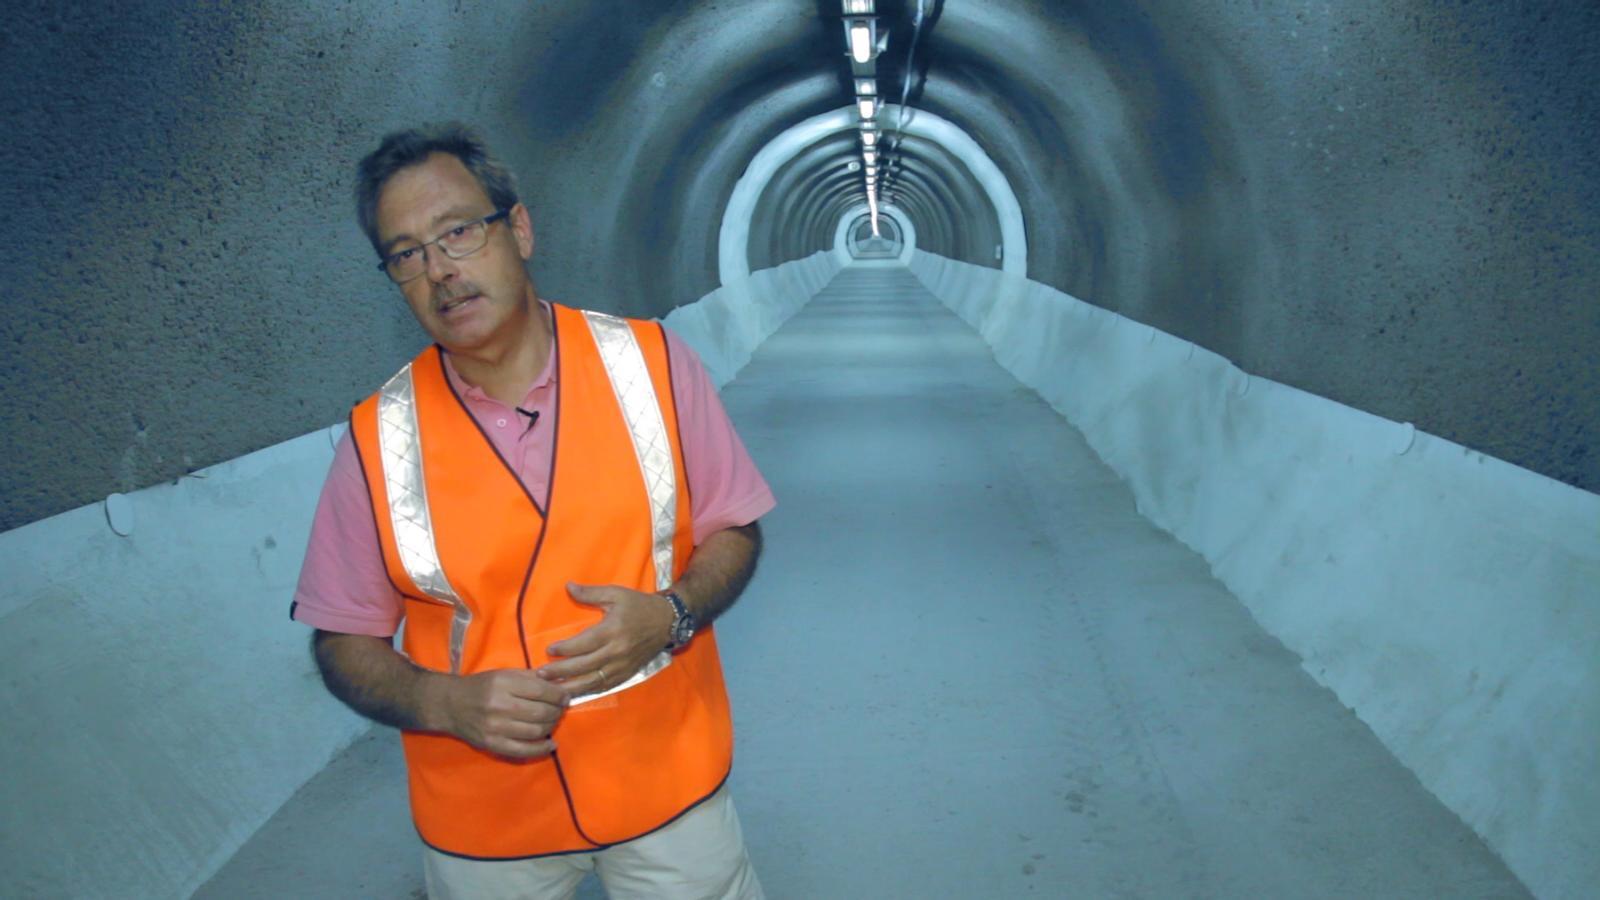 Són segurs els túnels catalans? El nostre enginyer et porta allà on no voldries anar mai: posem a prova les galeries d'evacuació